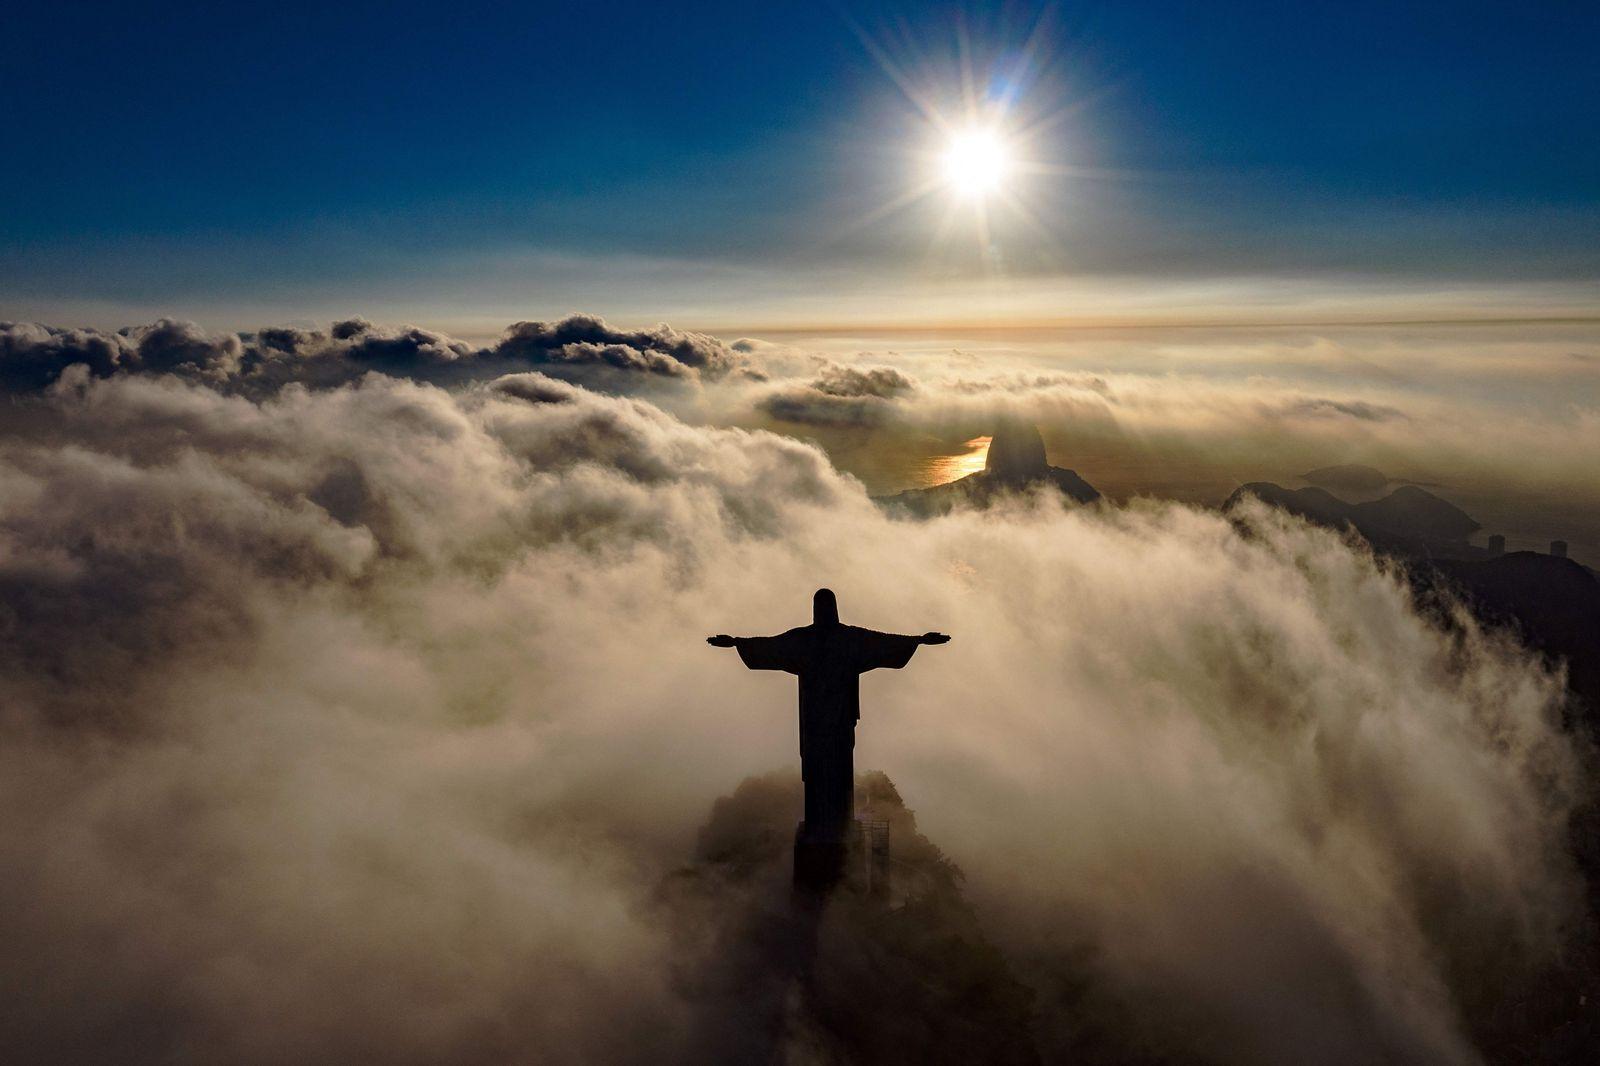 TOPSHOT-BRAZIL-TOURISM-CHRIST THE REDEEMER